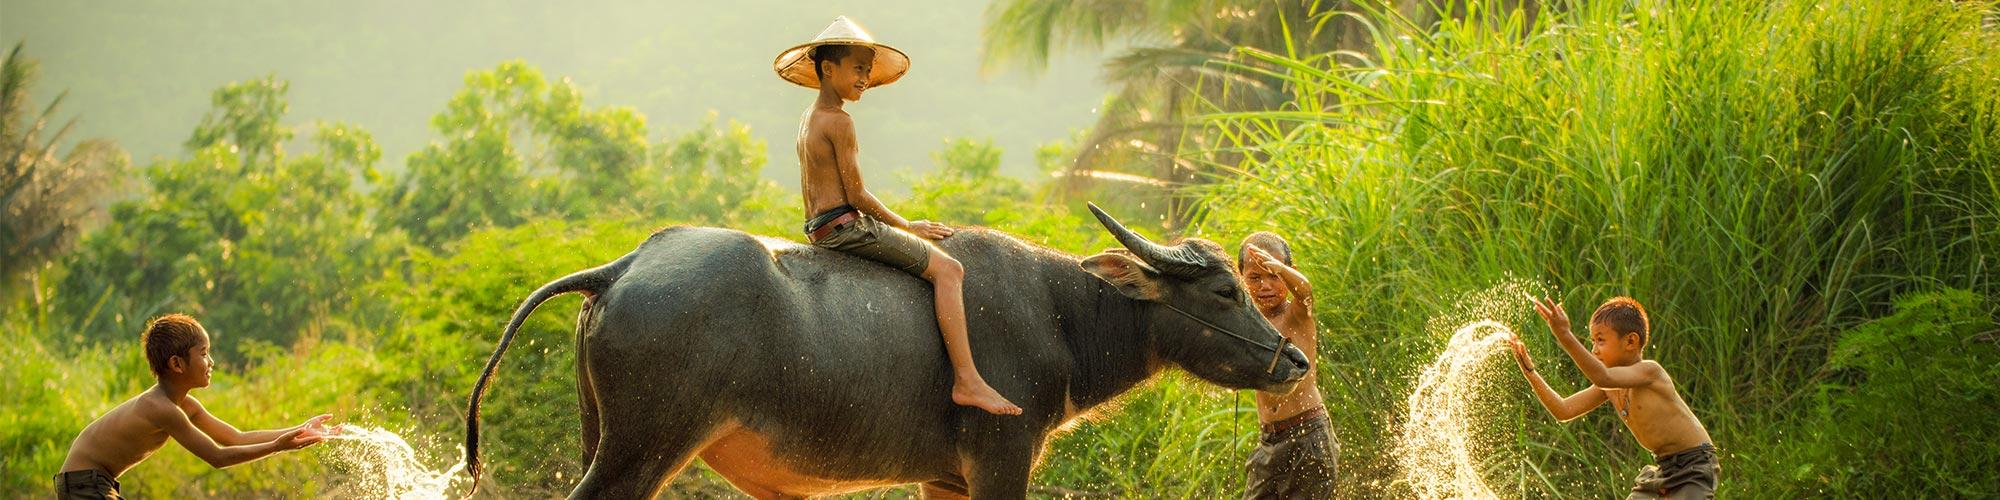 Vietnam, enfant avec buffle